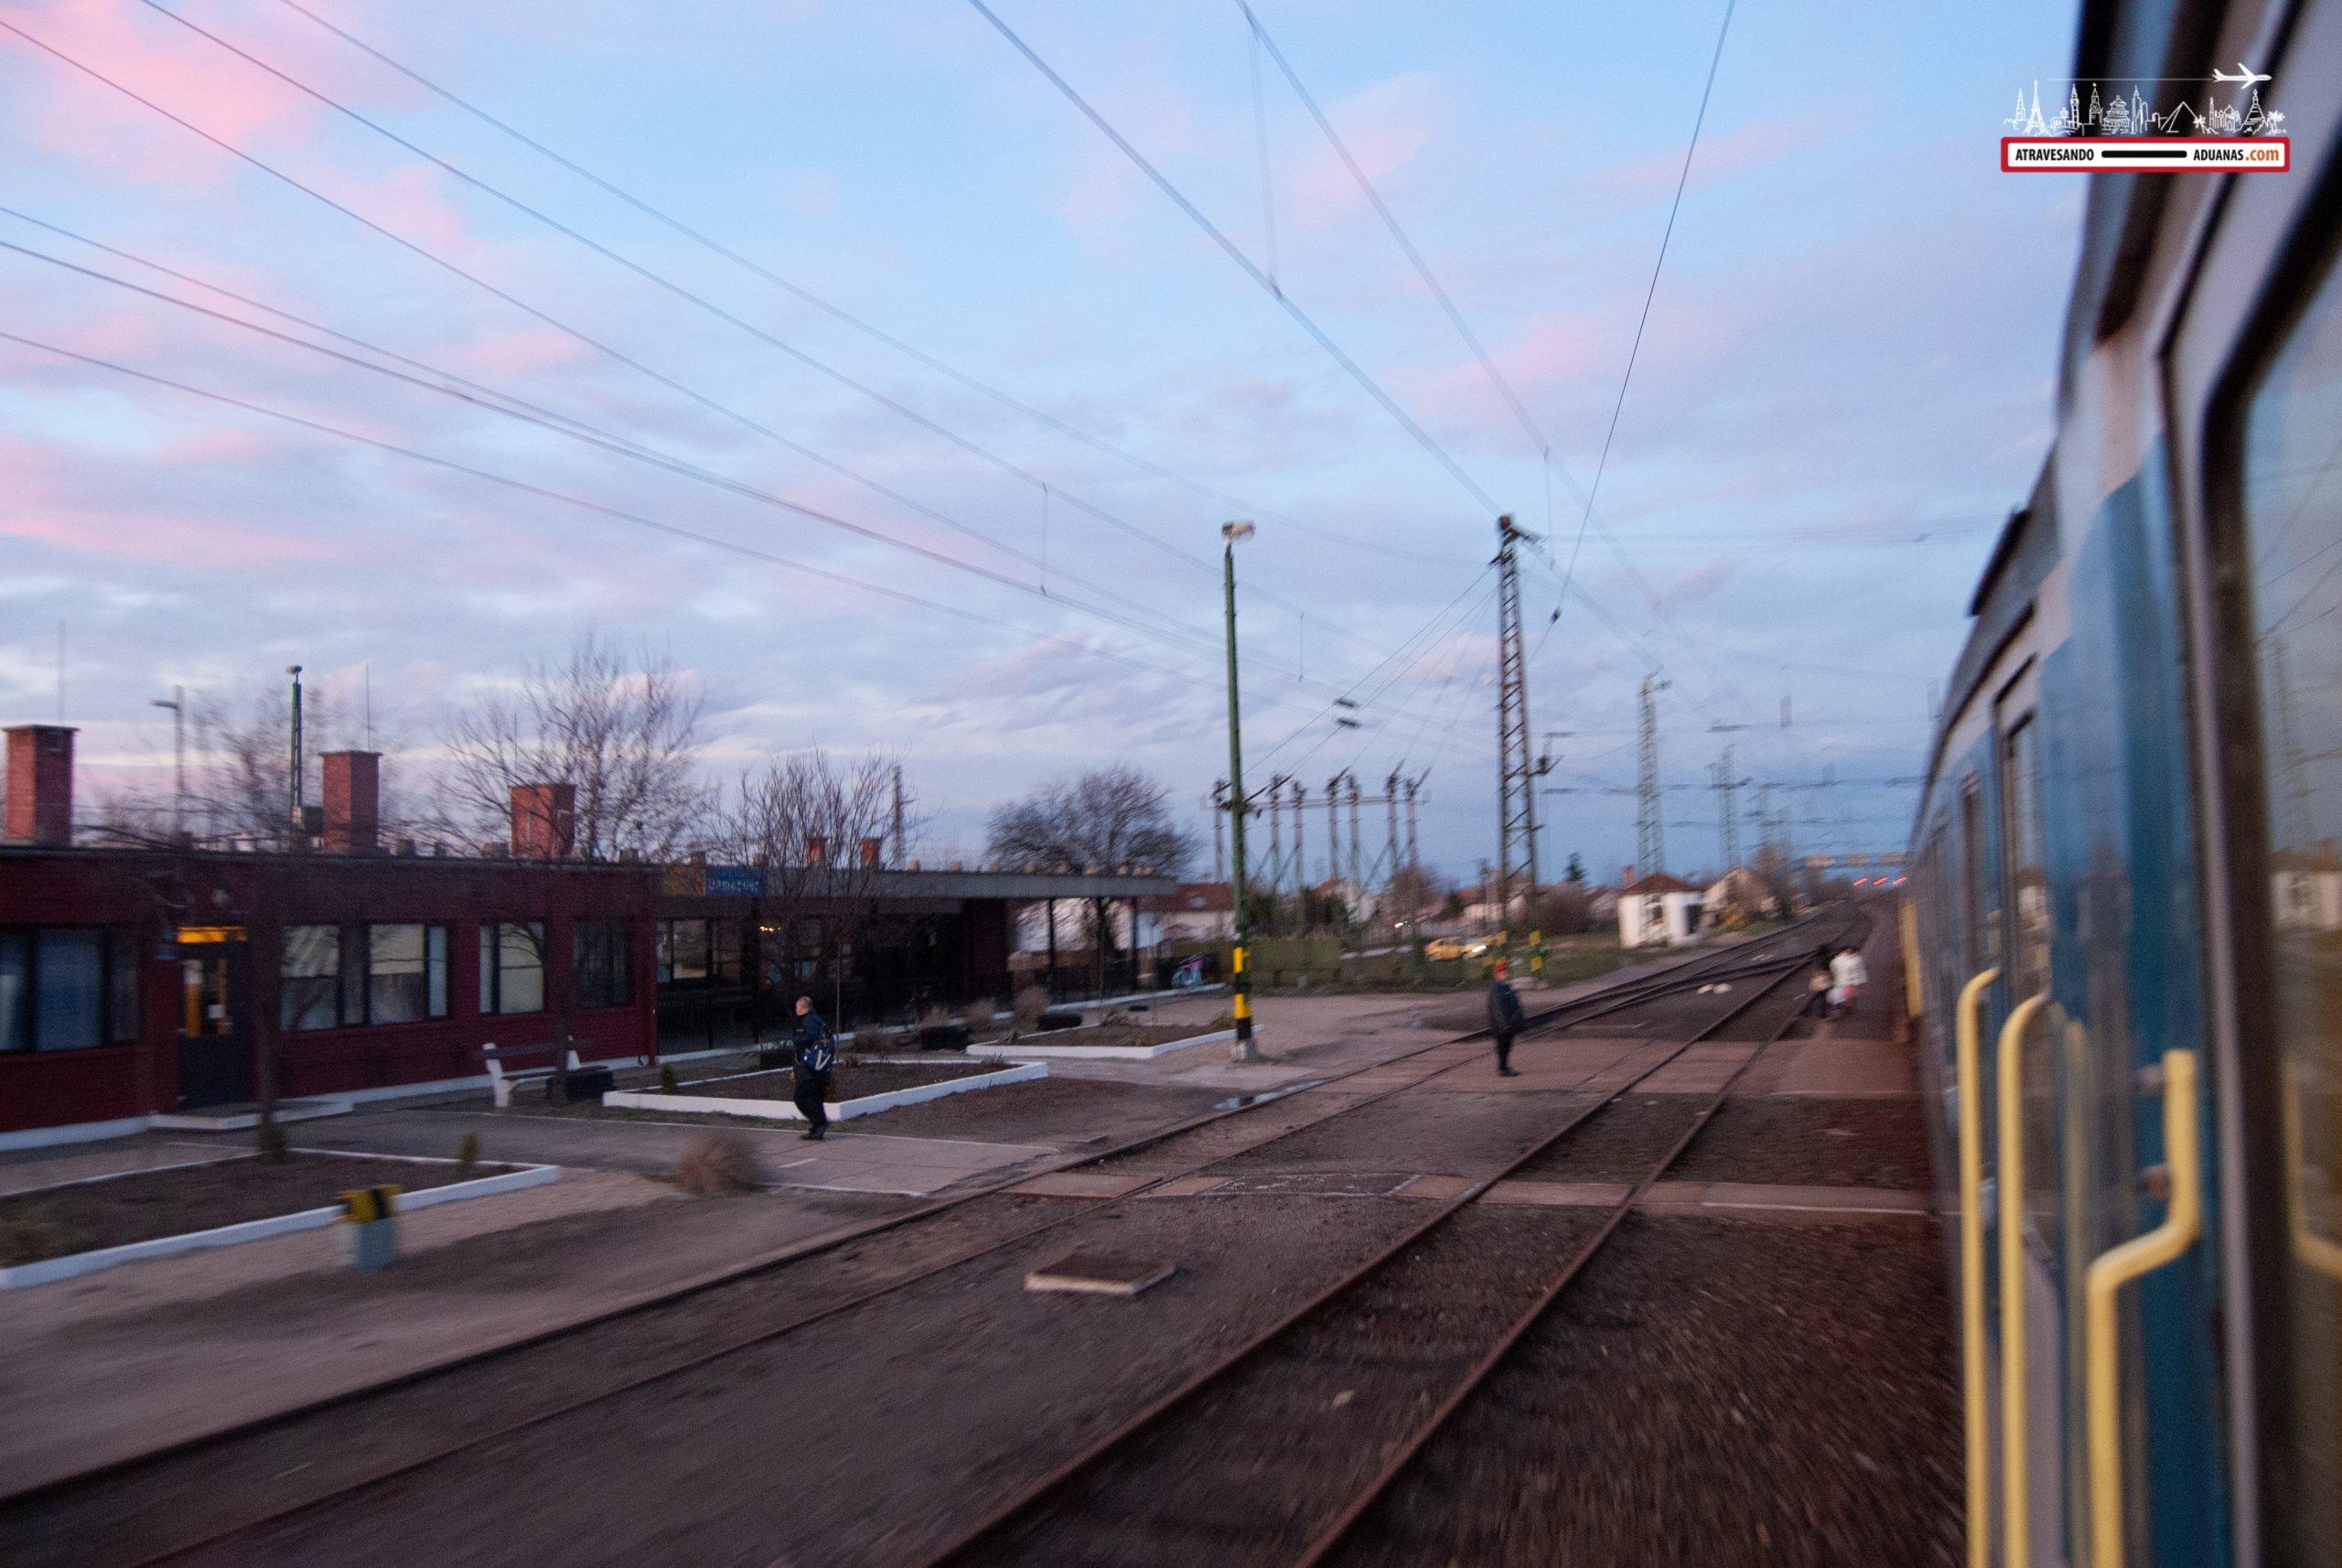 Estación de tren en Hungría